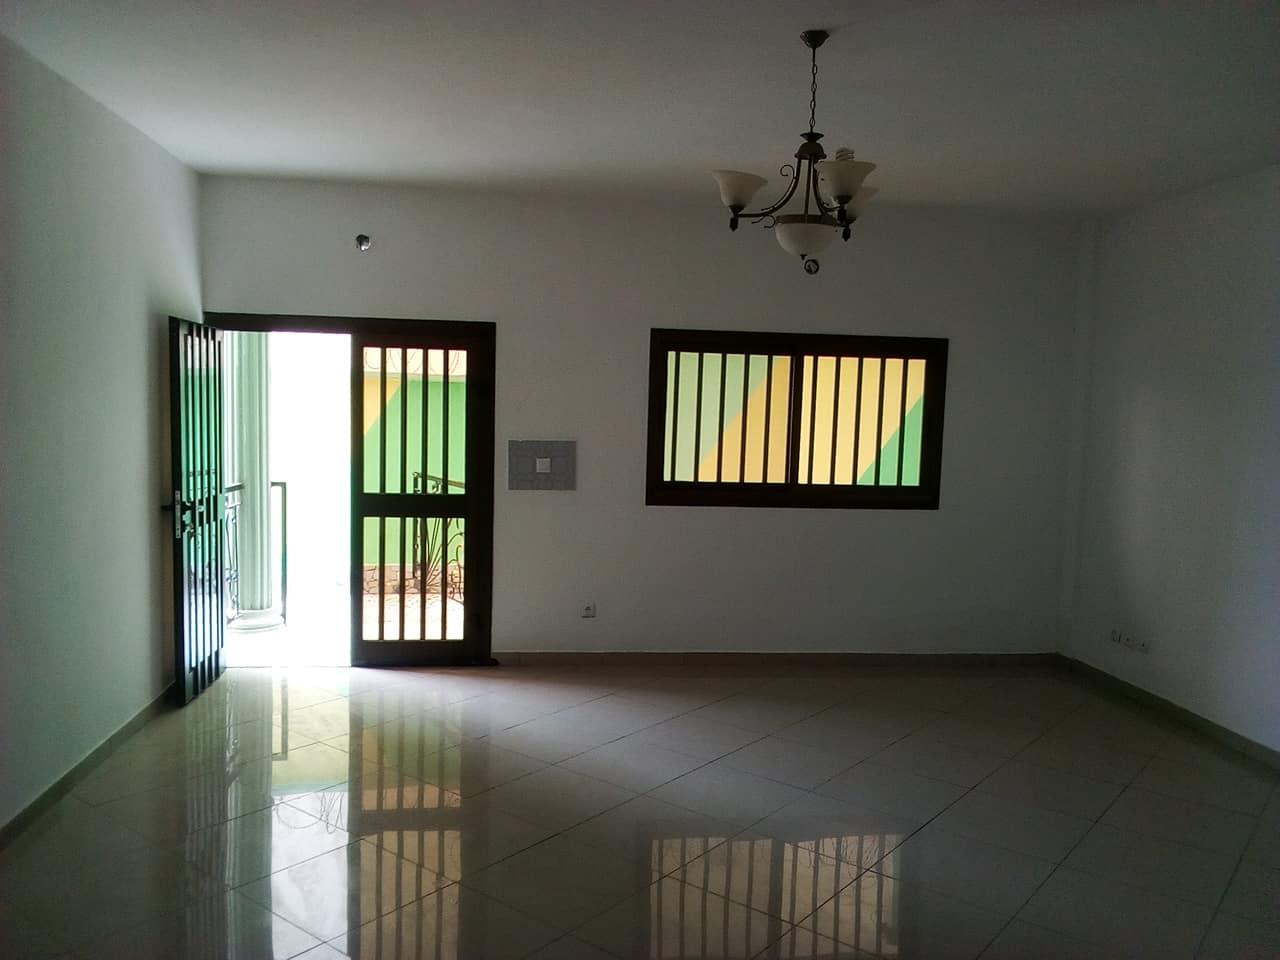 Appartement à louer - Yaoundé, Mfandena, pas loin de lecole - 1 salon(s), 2 chambre(s), 3 salle(s) de bains - 300 000 FCFA / mois